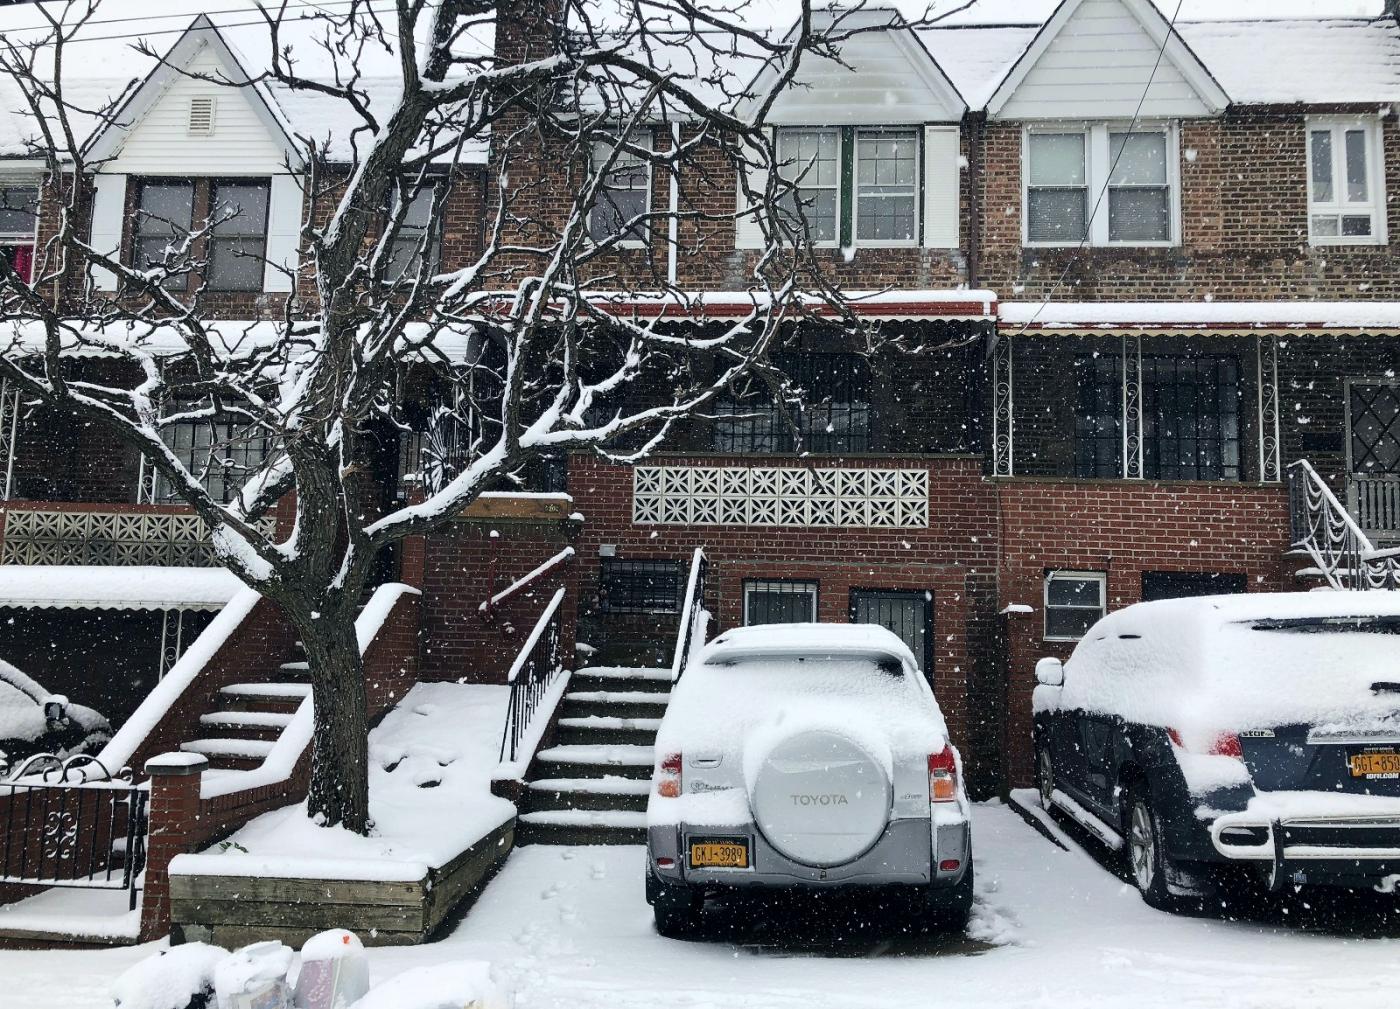 【田螺手机摄影】纽约雪景、还是中央公园最漂亮[二]_图1-31